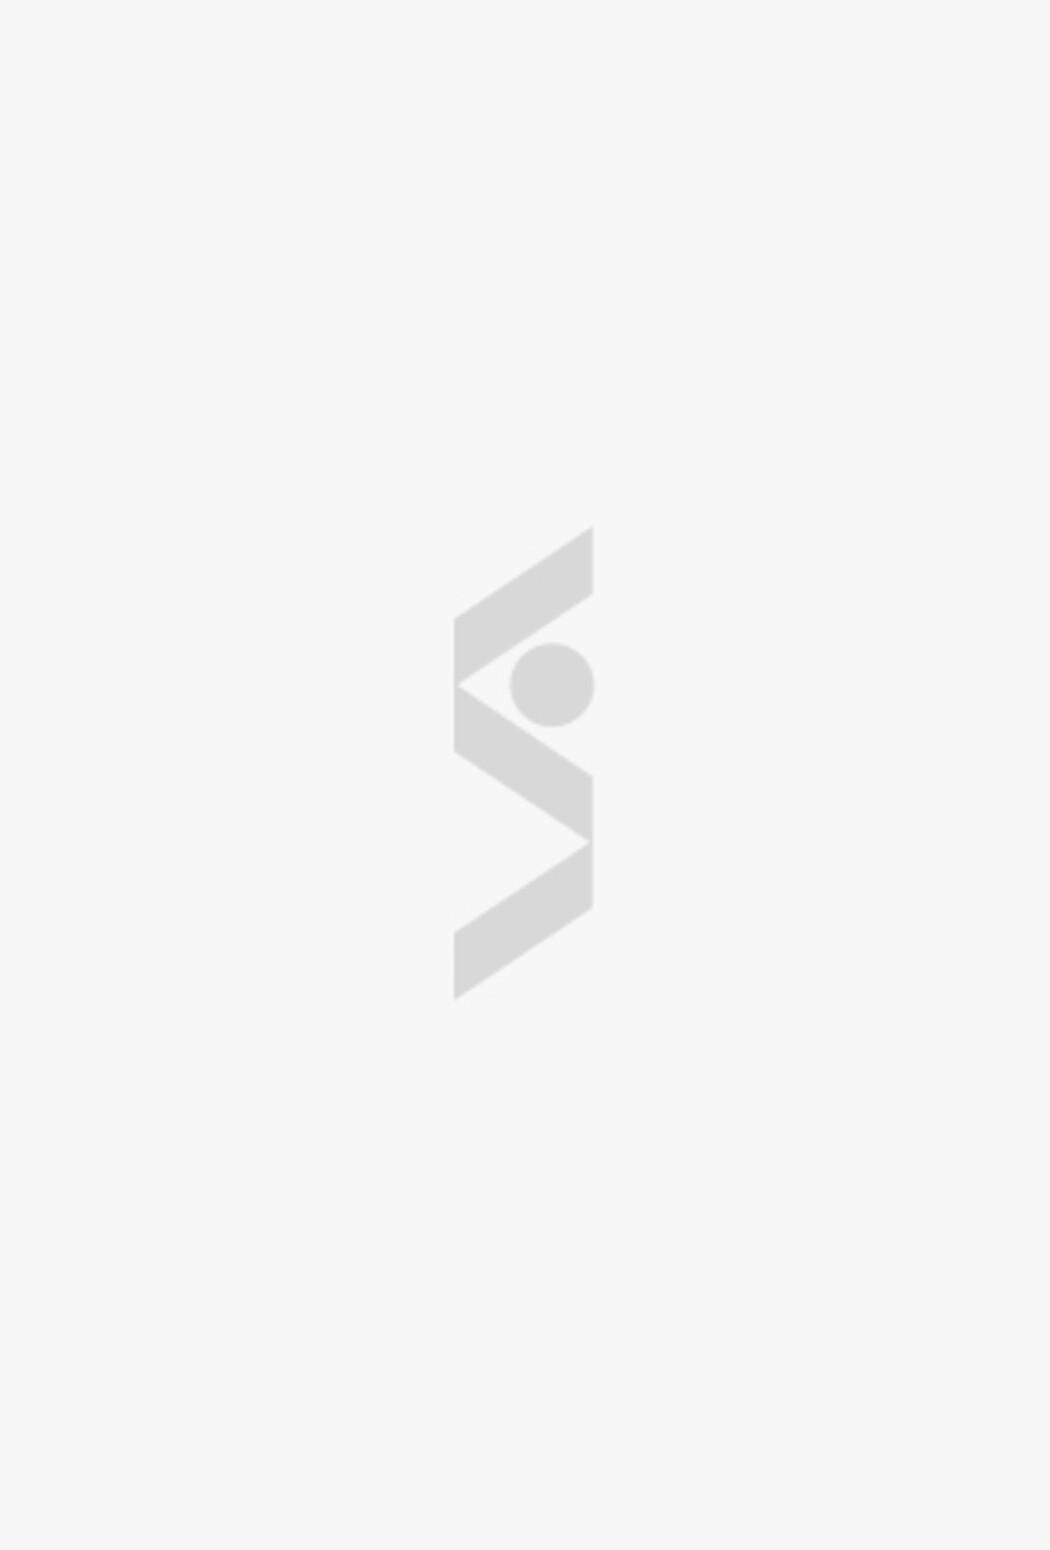 Пуховик с меховой отделкой regular fit David Molina - скоро в продаже в интернет-магазине СТОКМАНН в Москве